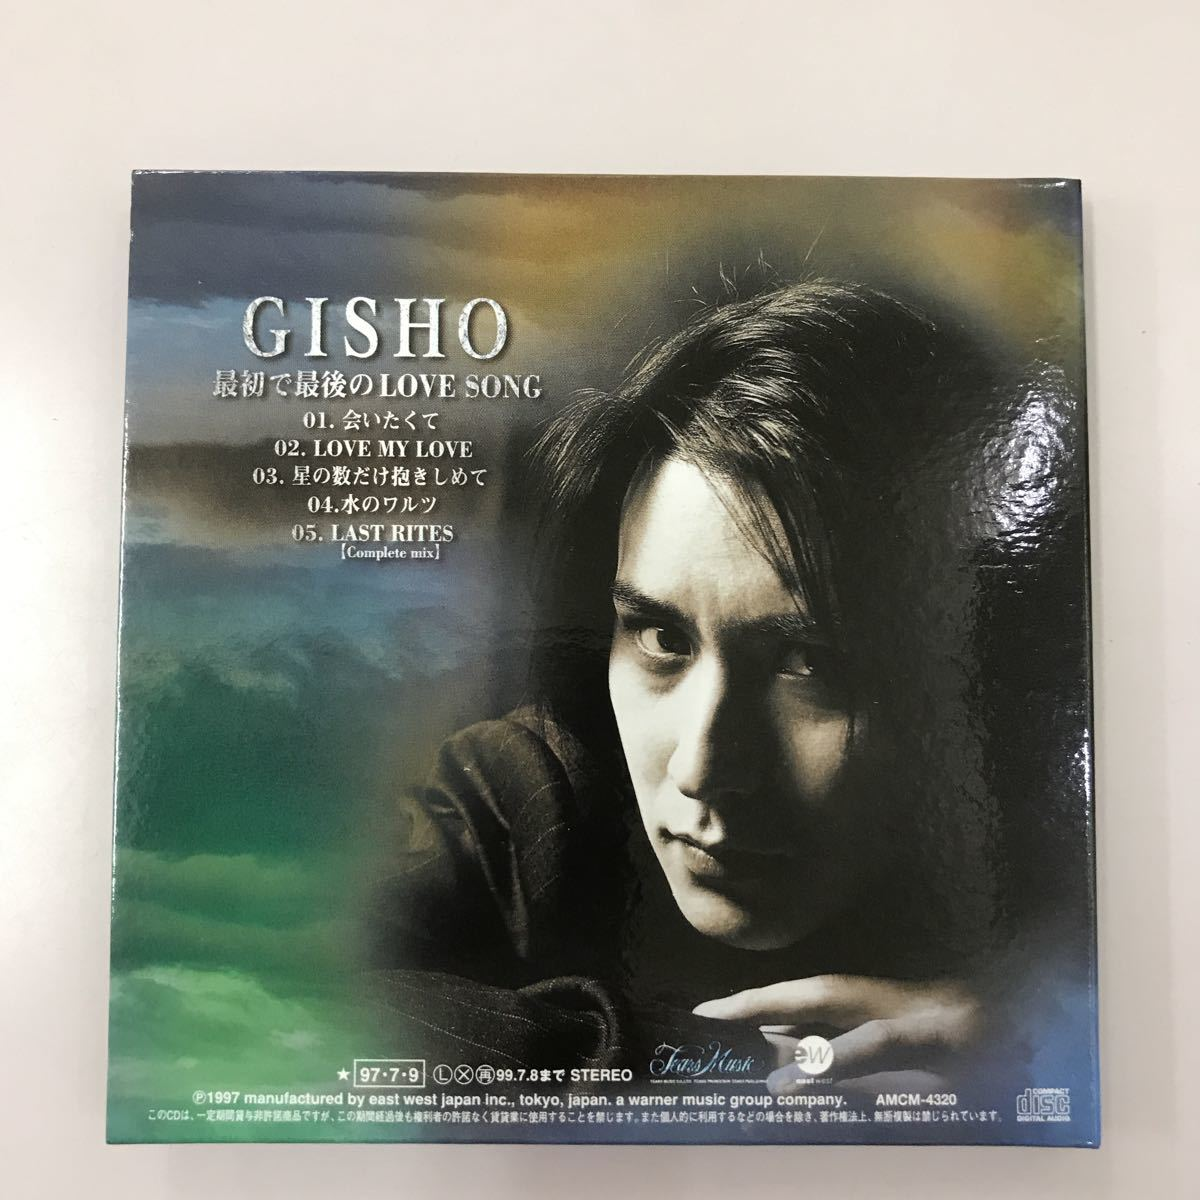 CD 中古☆【邦楽】GISHO 最後で最後のLOVE song